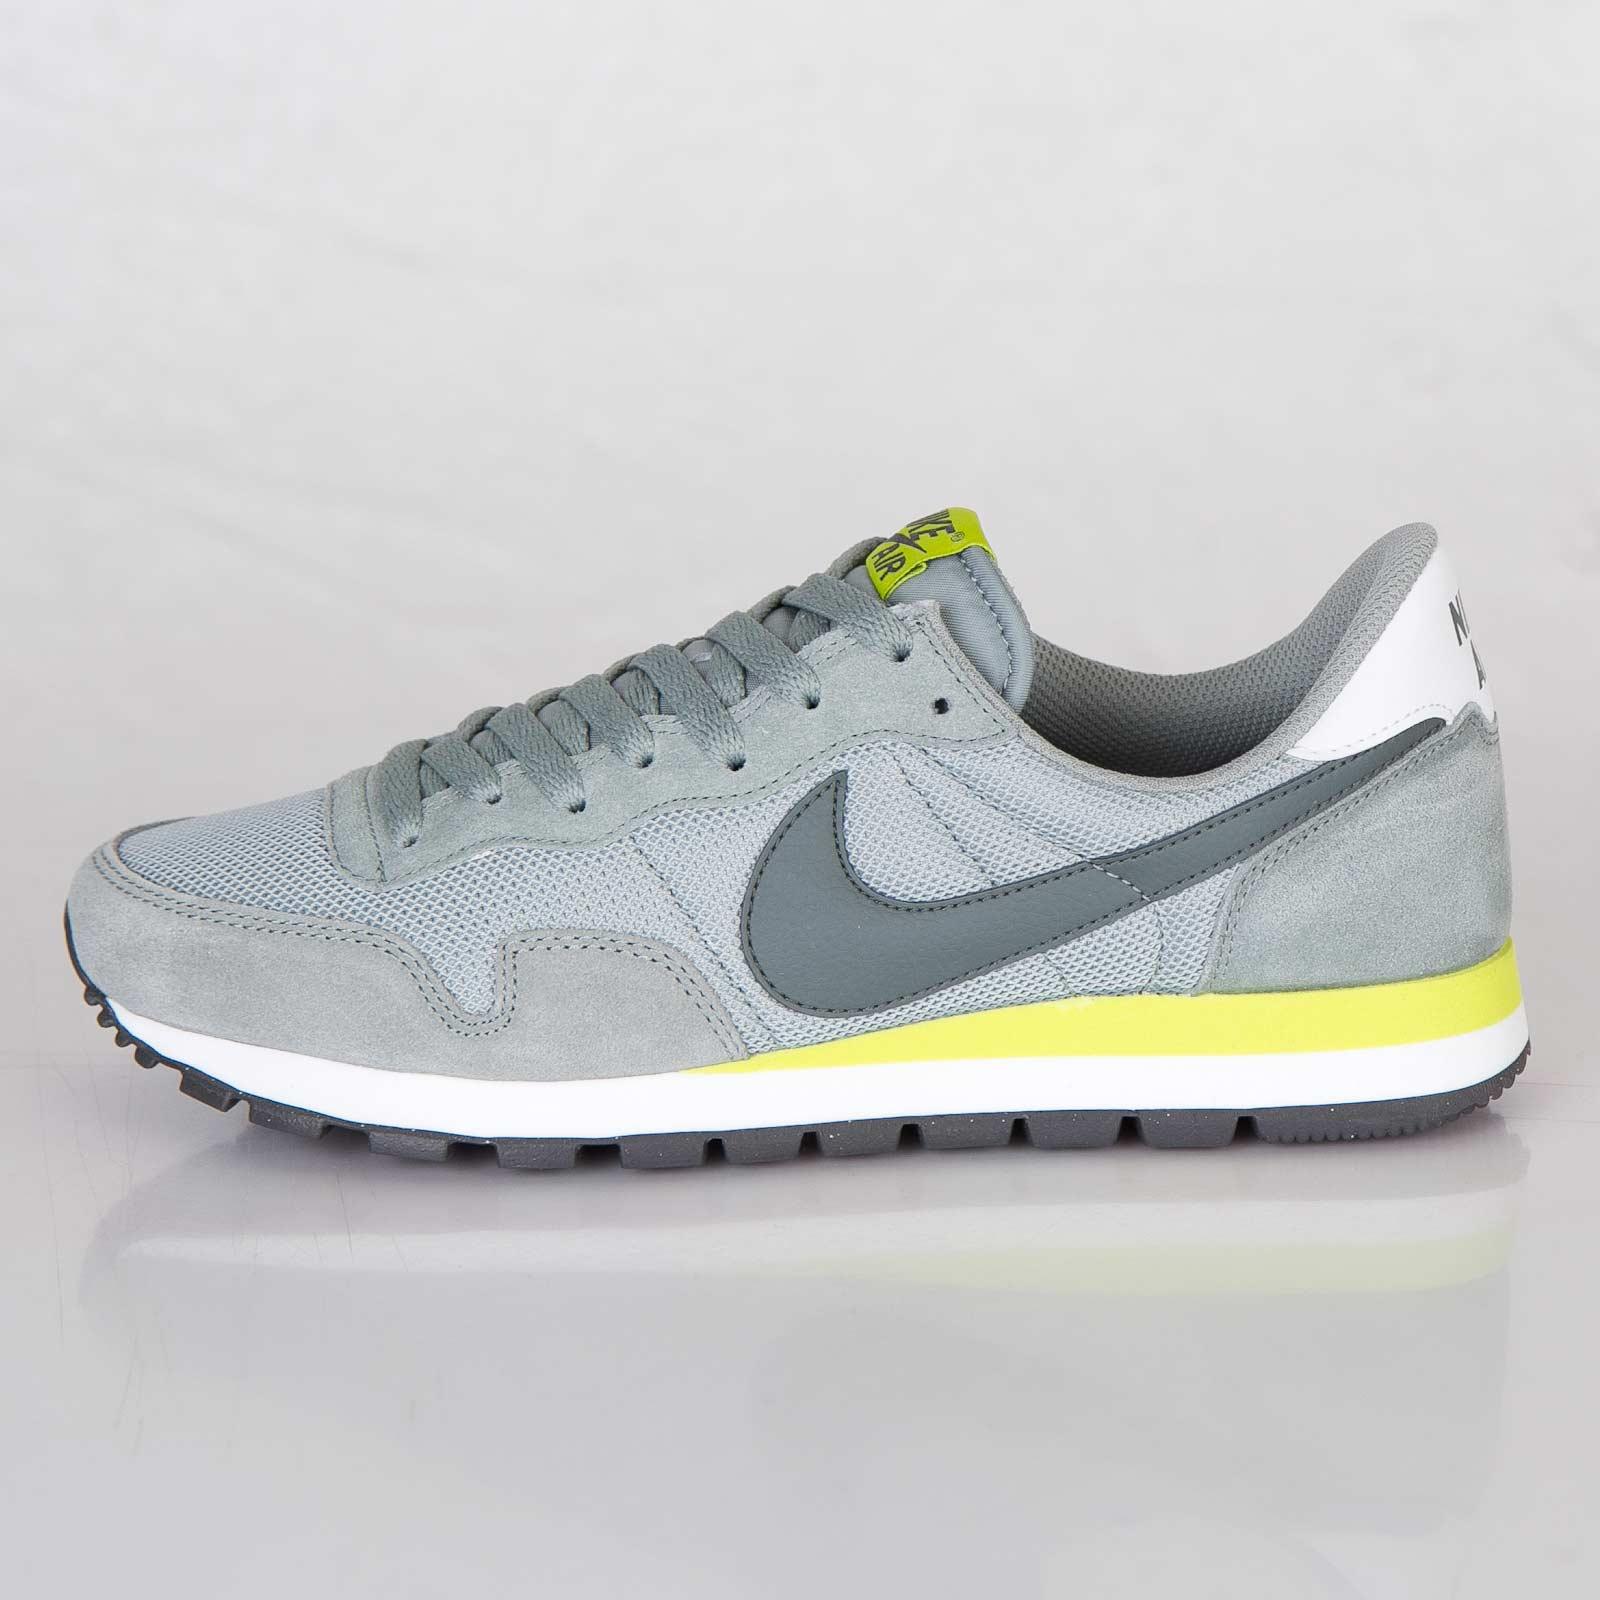 d4827880247 Nike Air Pegasus 83 - 599124-300 - Sneakersnstuff